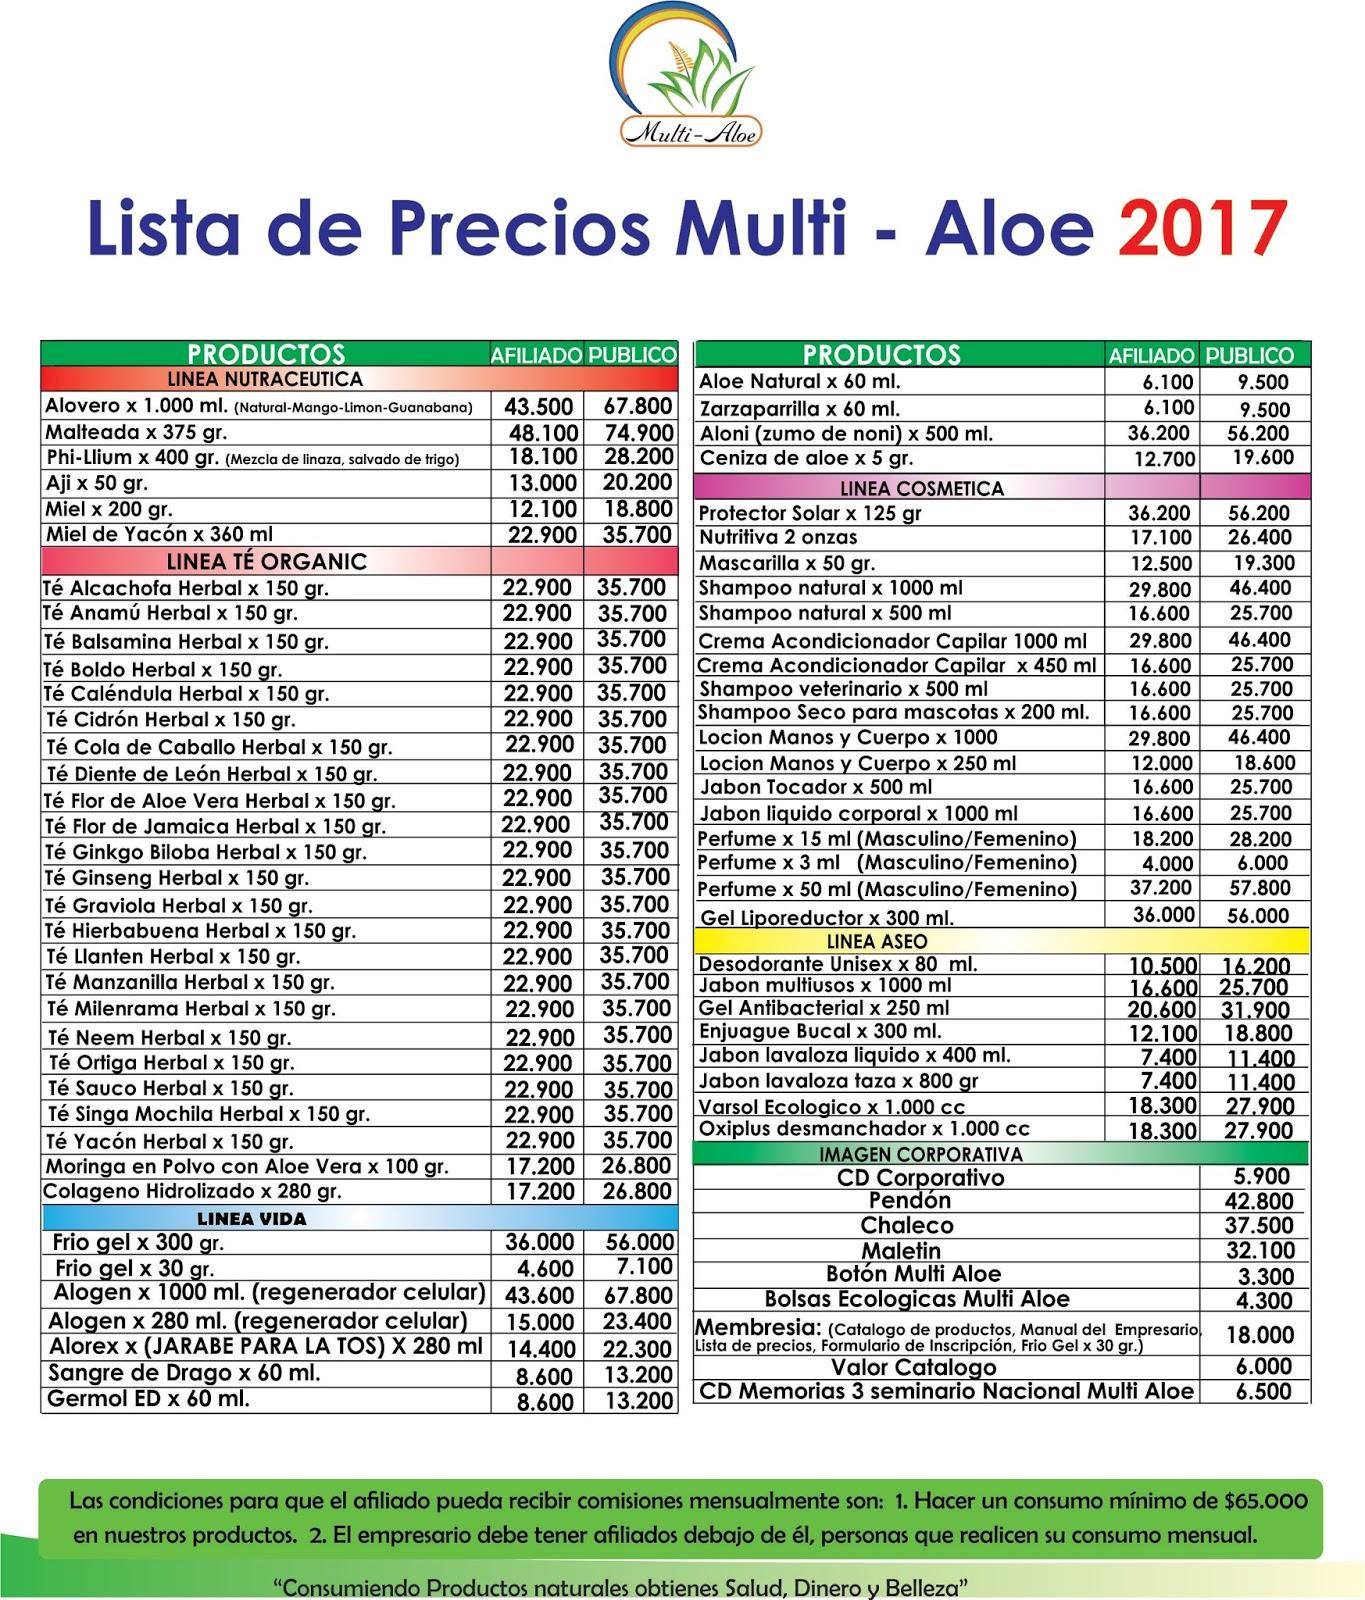 Multialoe de colombia lista de precios 2017 for Estanques de geomembrana precios en colombia